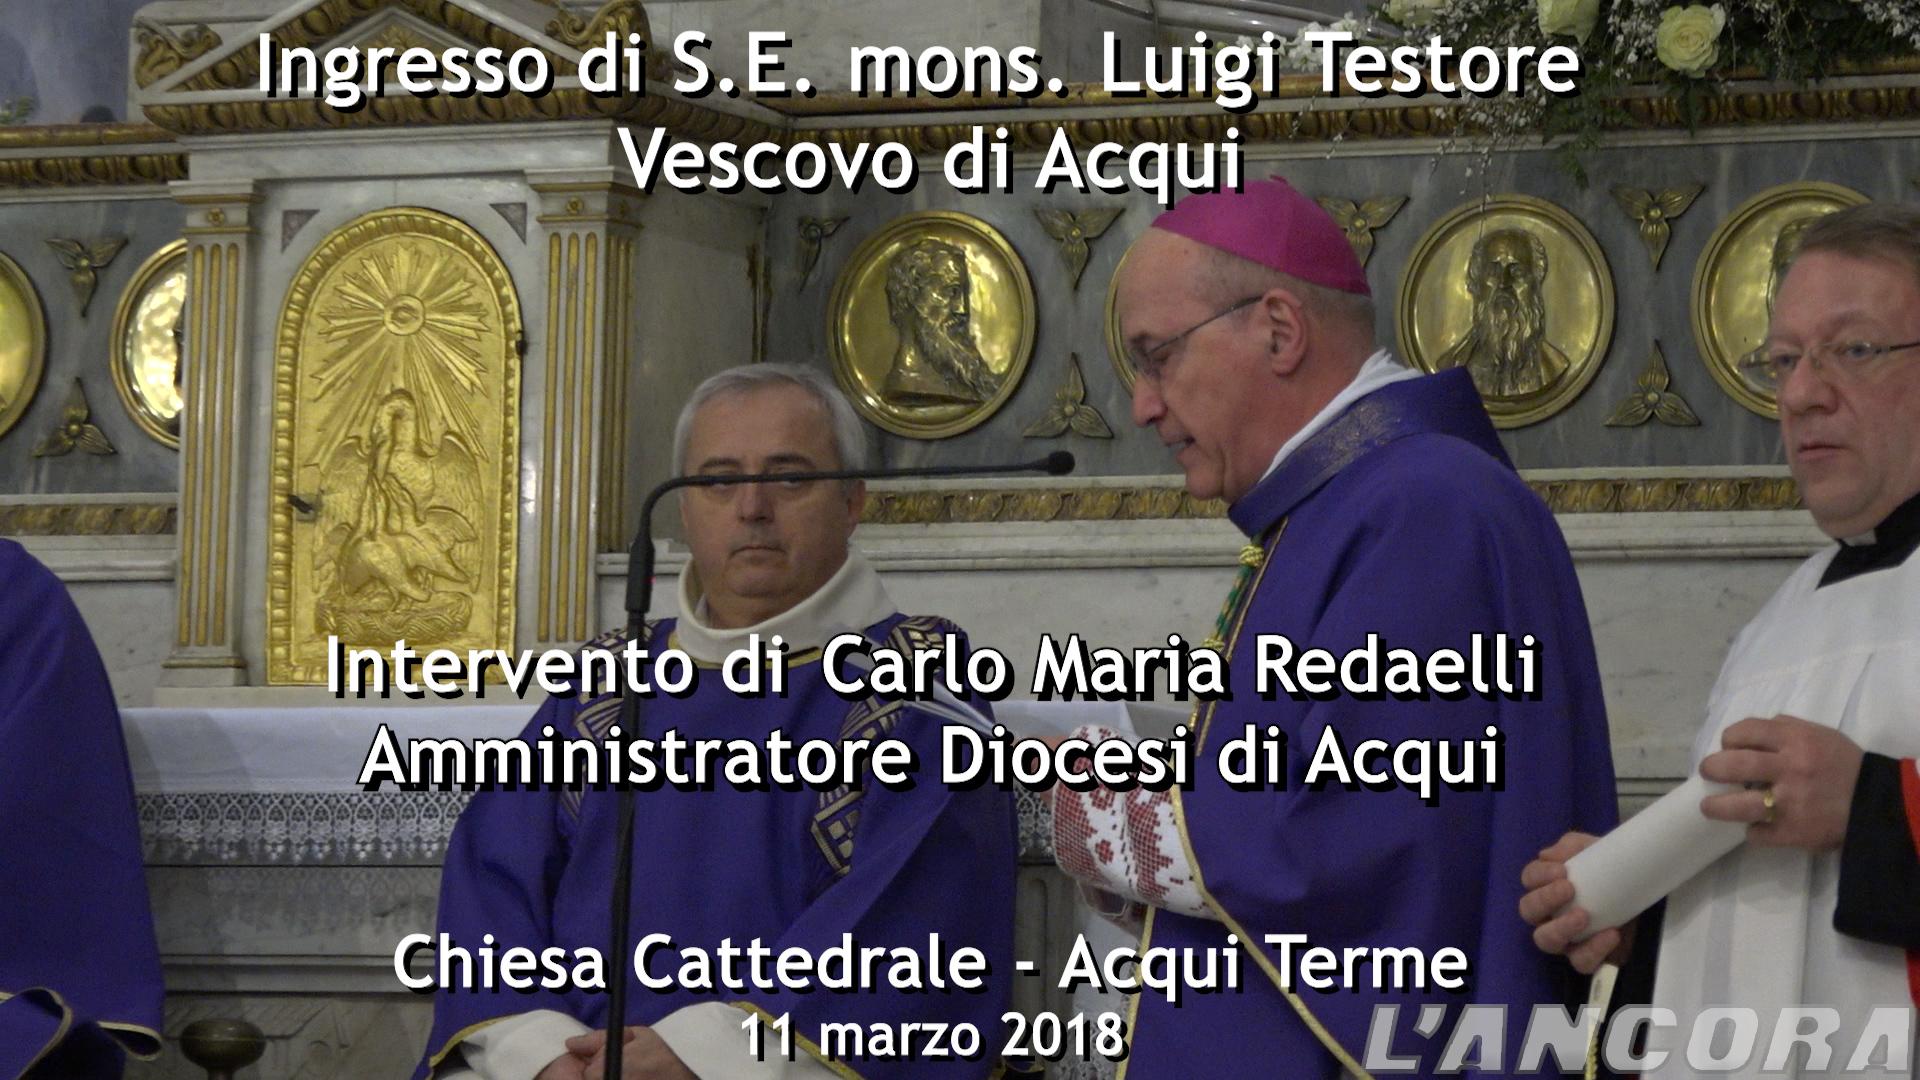 Ingresso del Vescovo Testore - Intervento di Carlo Maria Redaelli